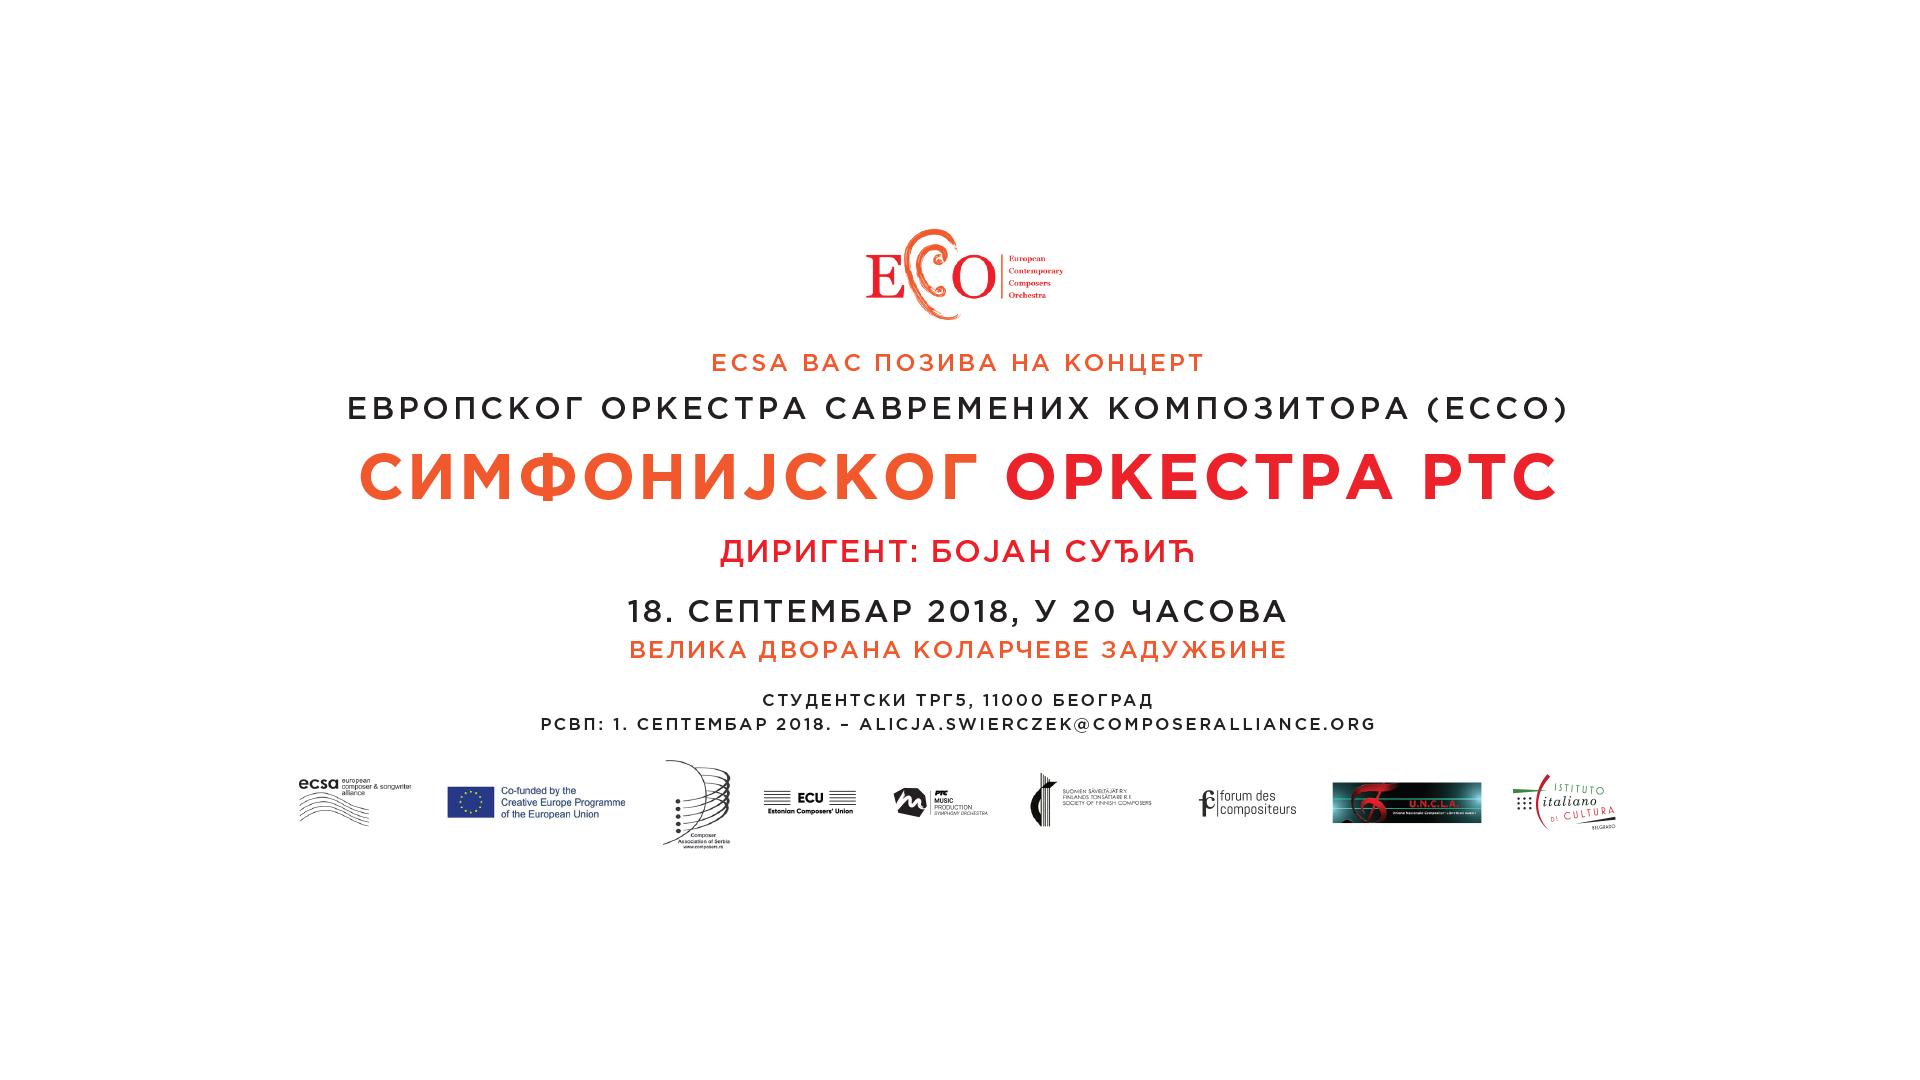 """Simfonijski orkestar RTS - ovogodišnji """"Evropski orkestar savremenih kompozitora (ECCO)"""""""